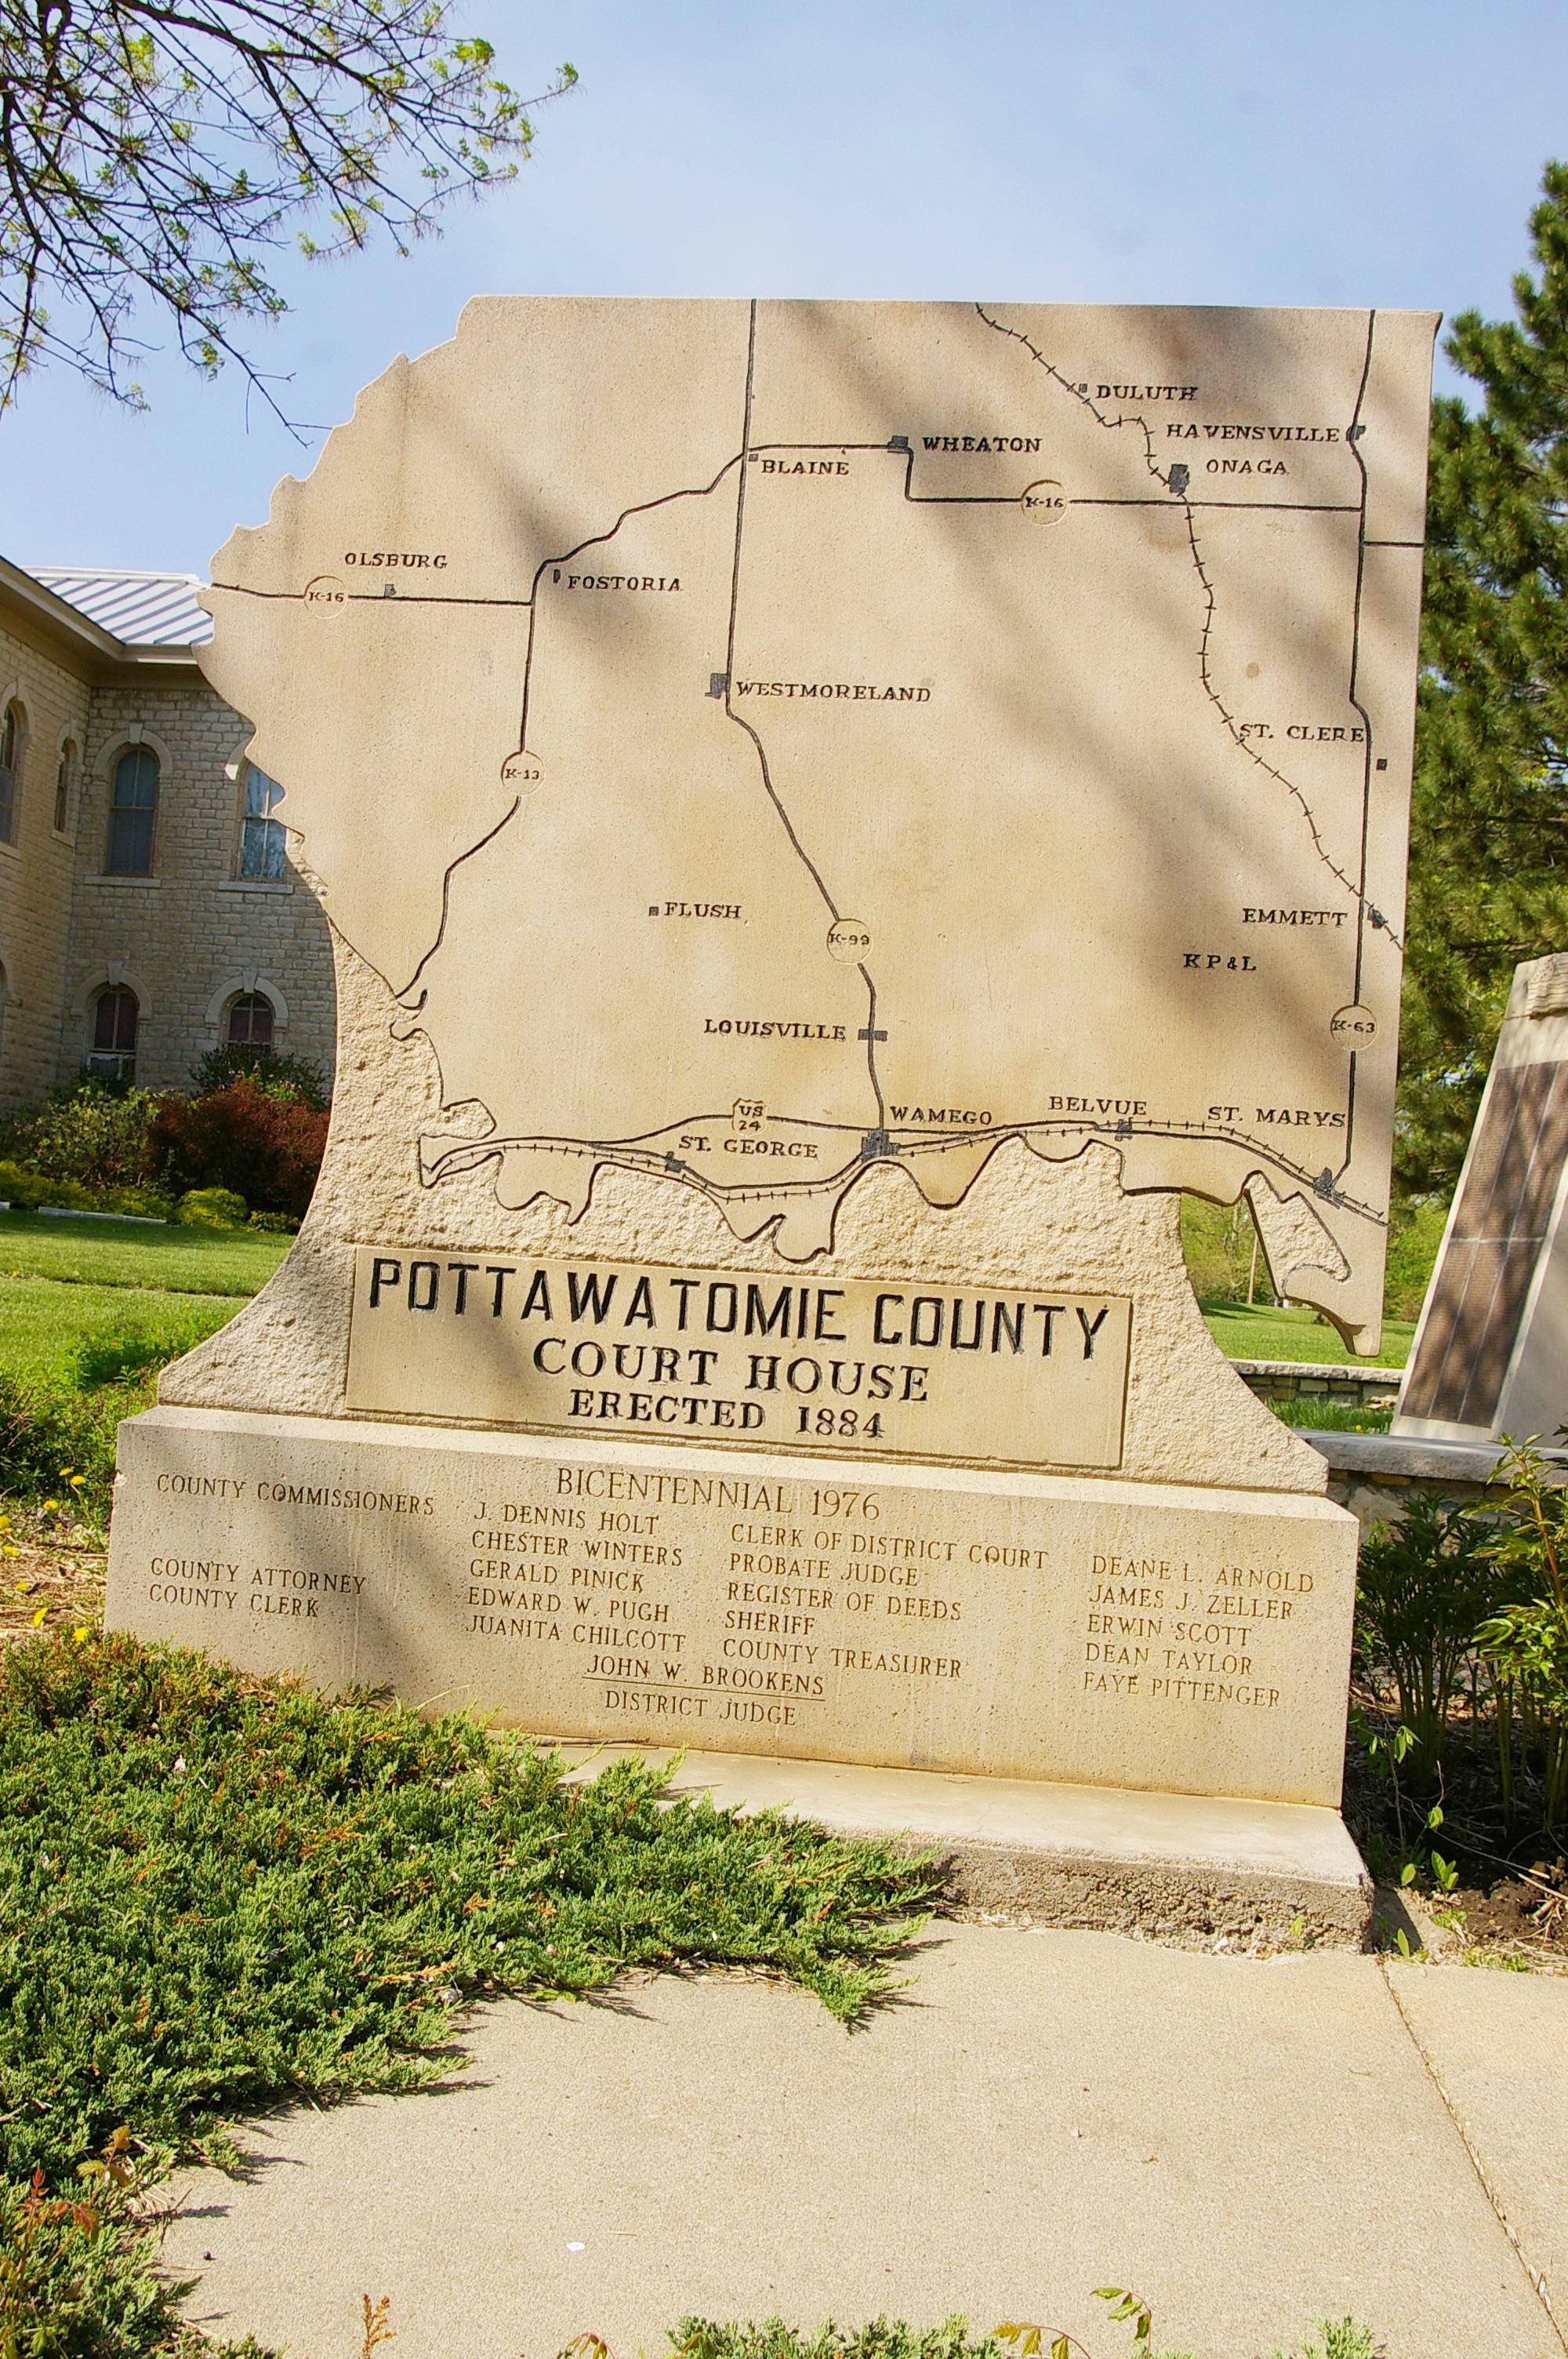 Kansas pottawatomie county fostoria - Kansas Pottawatomie County Fostoria 0833cs10